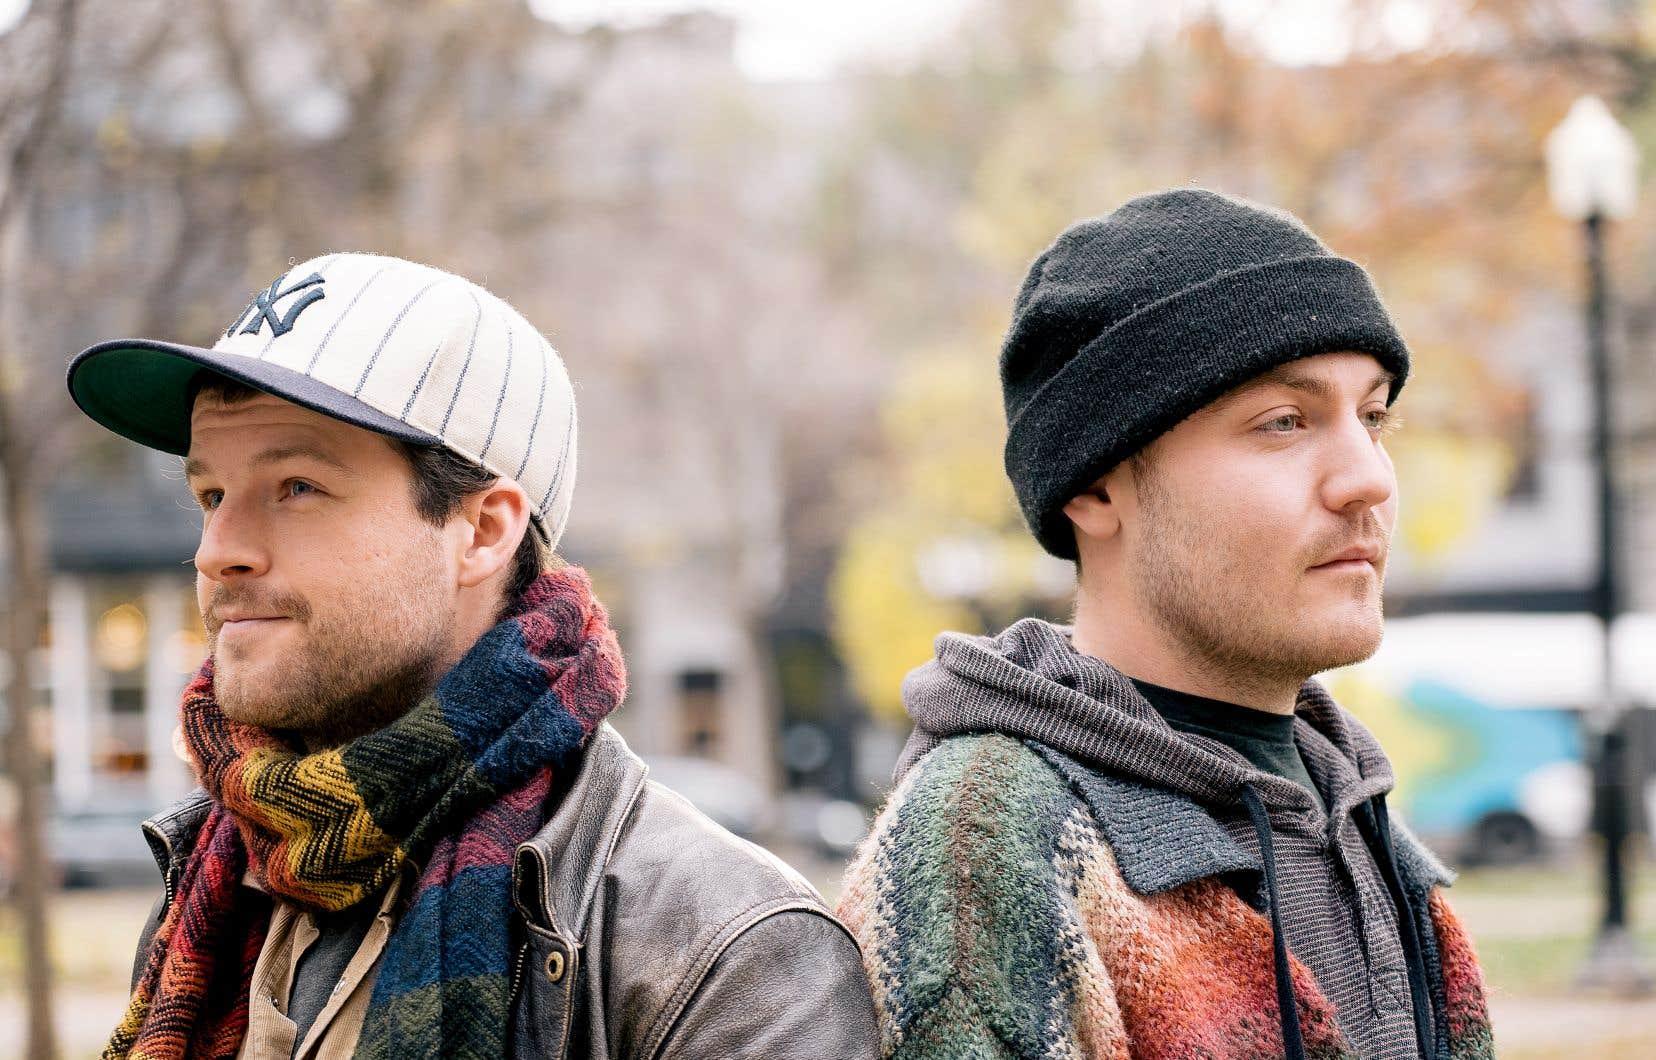 Amis depuis le secondaire, Louis Thibault et Philippe Girard ont grandi dans la région de Lanaudière, épicentre de la musique traditionnelle québécoise, mais n'ont pourtant pas baigné dans le folklore.